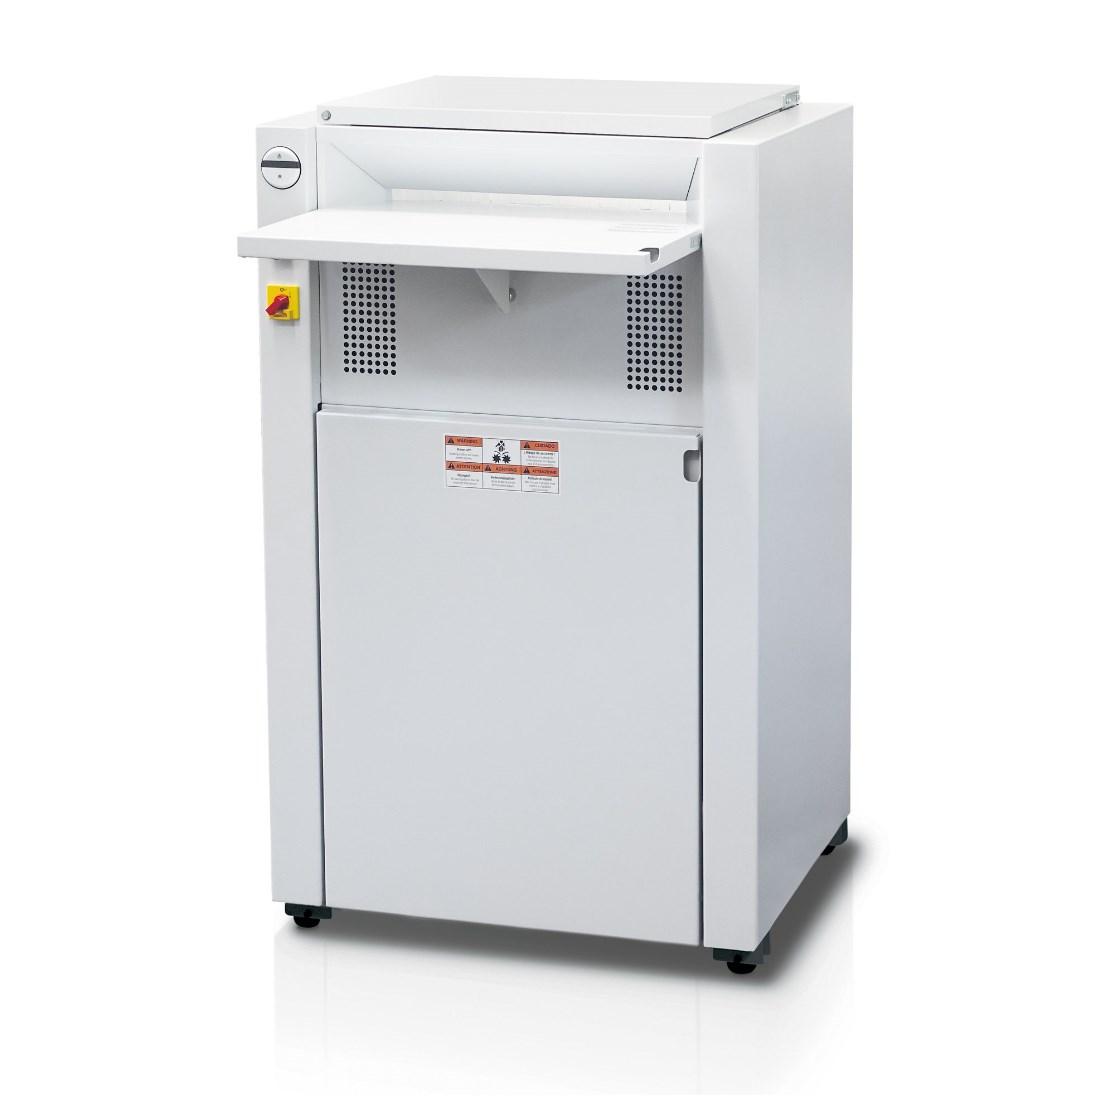 Niszczarka wysokowydajna - EBA 5300 C / 6 x 50 mm